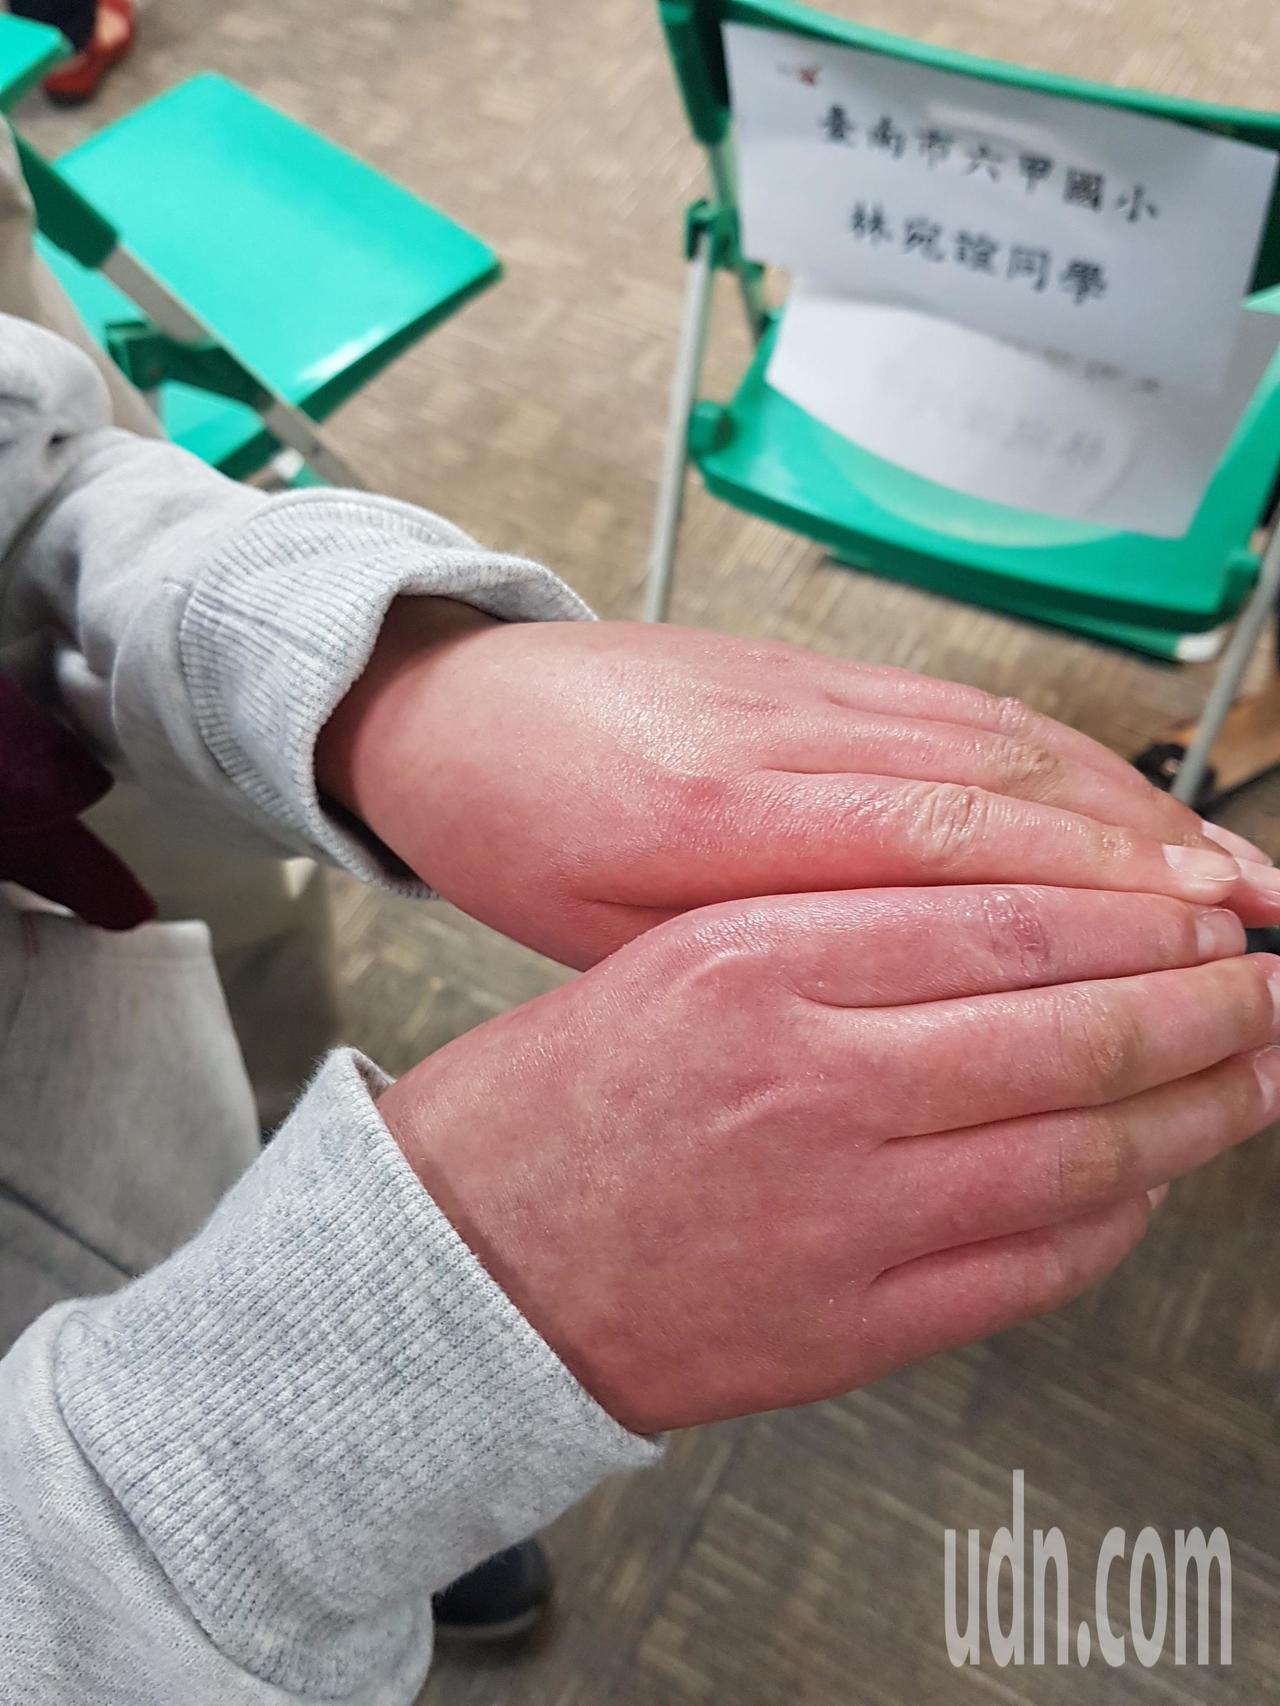 12歲罹患血癌的林宛宜,因接受化療手部紅腫破皮,目前已逐漸恢復 記者修瑞瑩/攝影